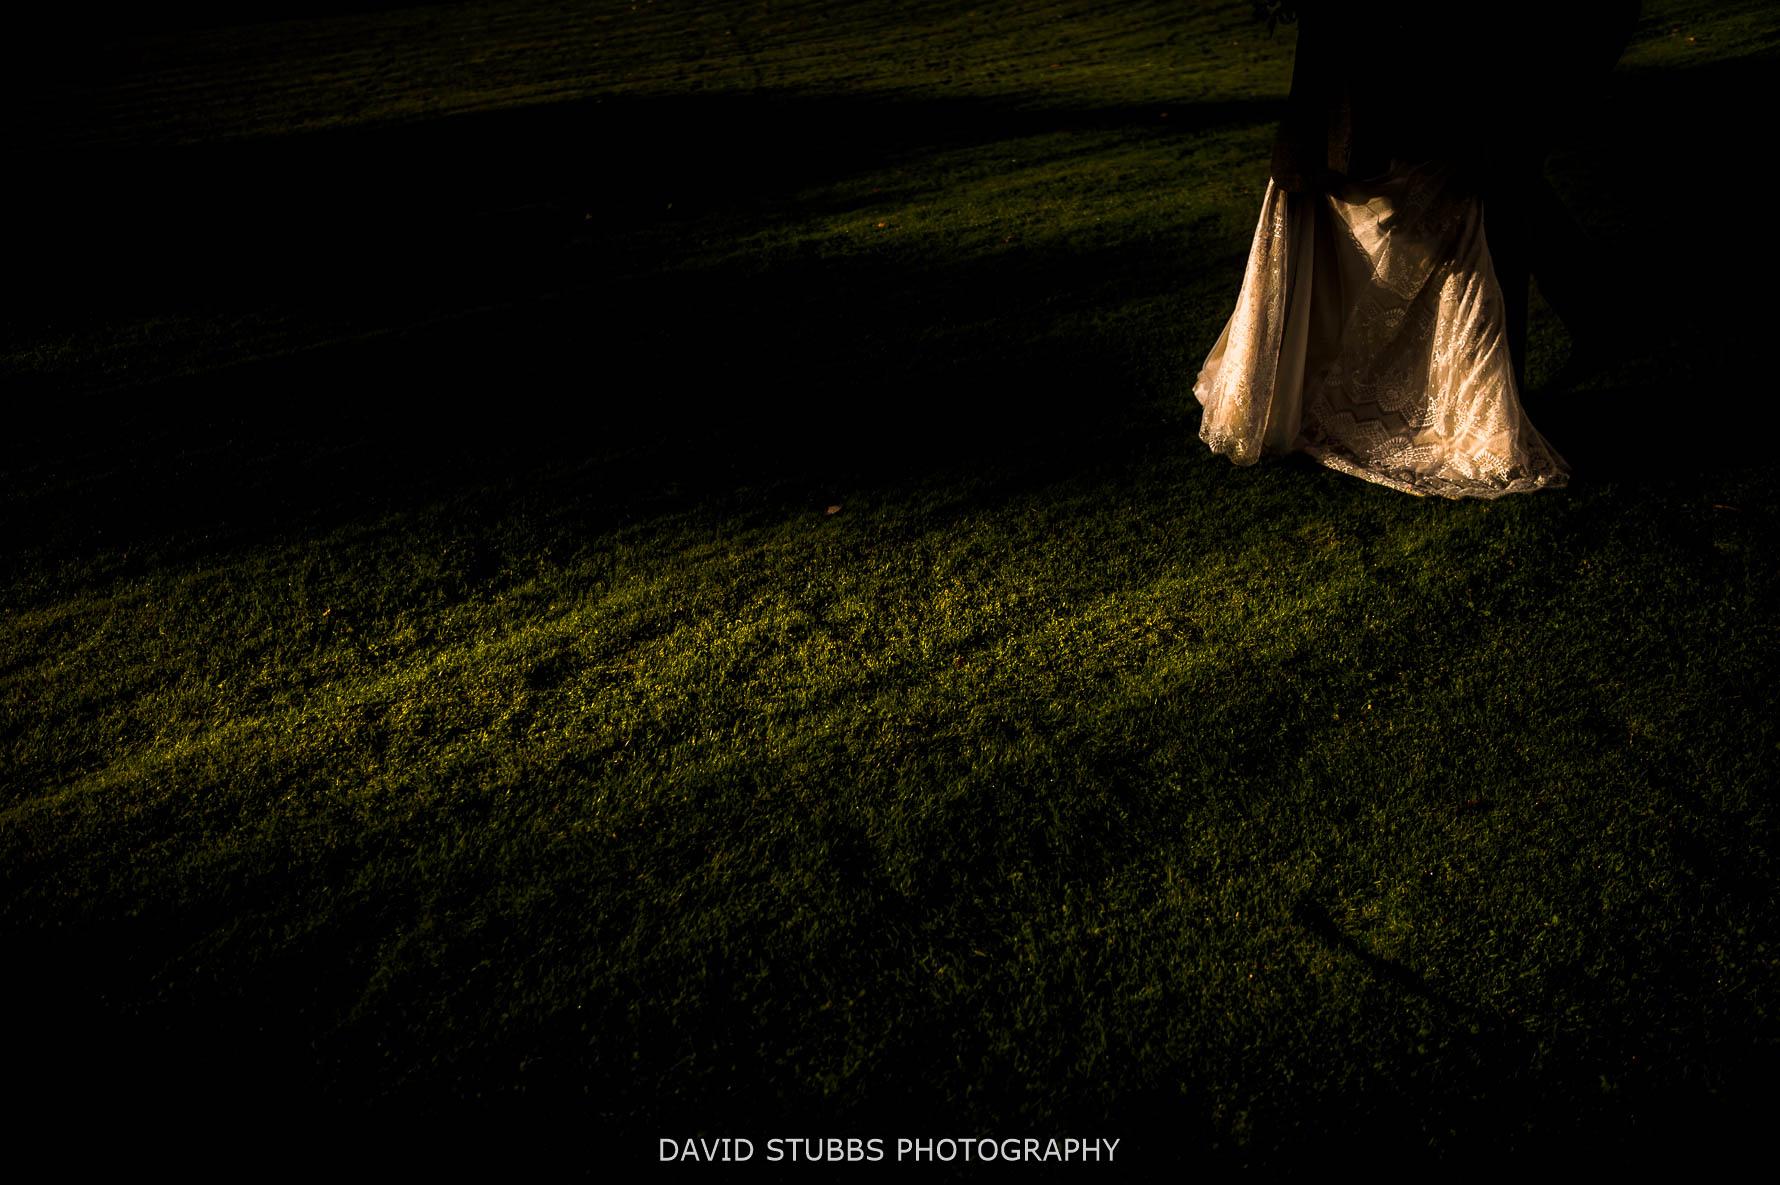 wedding dress on lawn